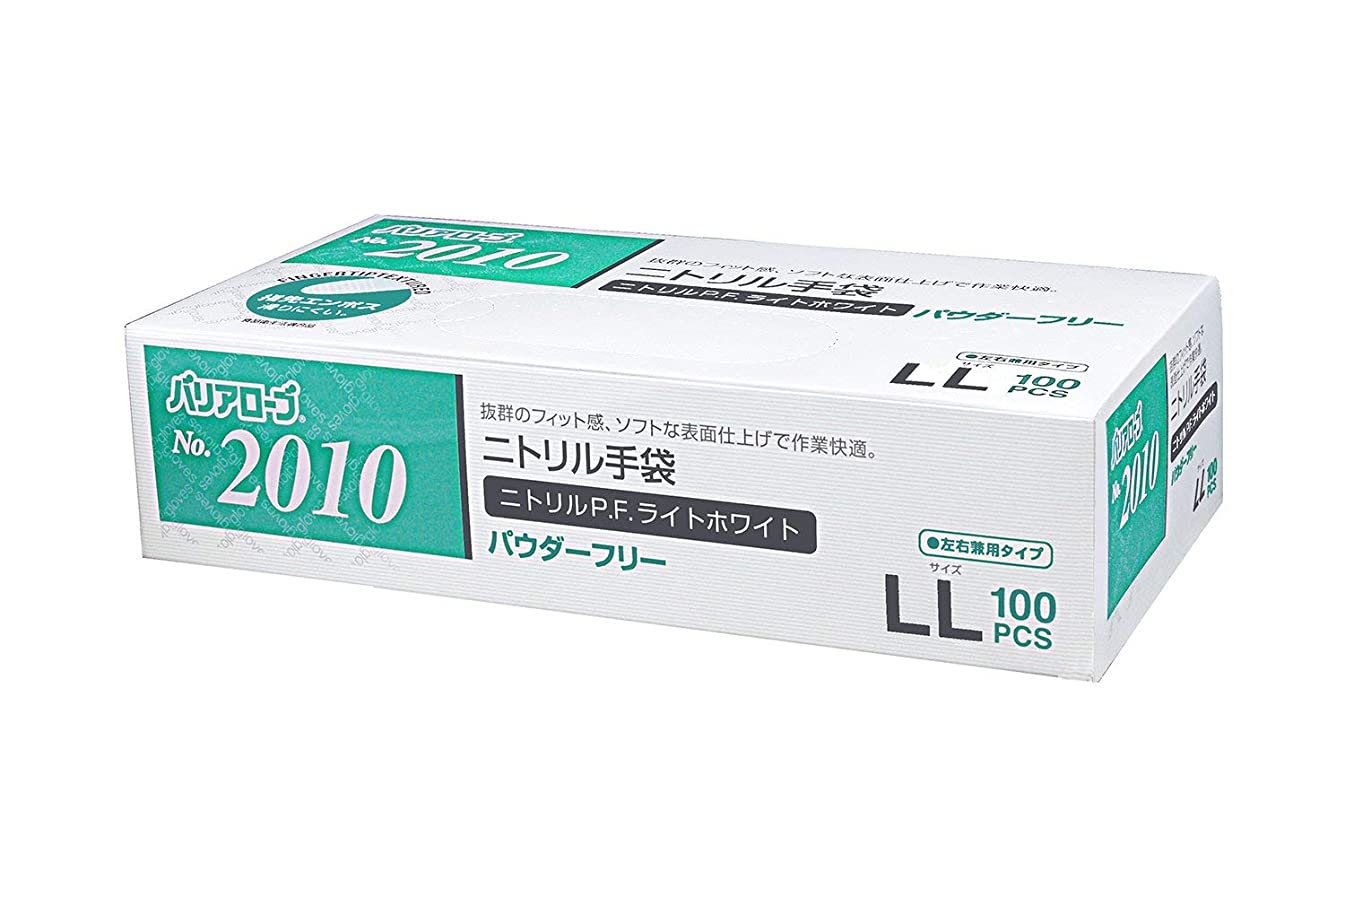 怪物探す移動する【ケース販売】 バリアローブ №2010 ニトリルP.F.ライト ホワイト (パウダーフリー) LL 2000枚(100枚×20箱)